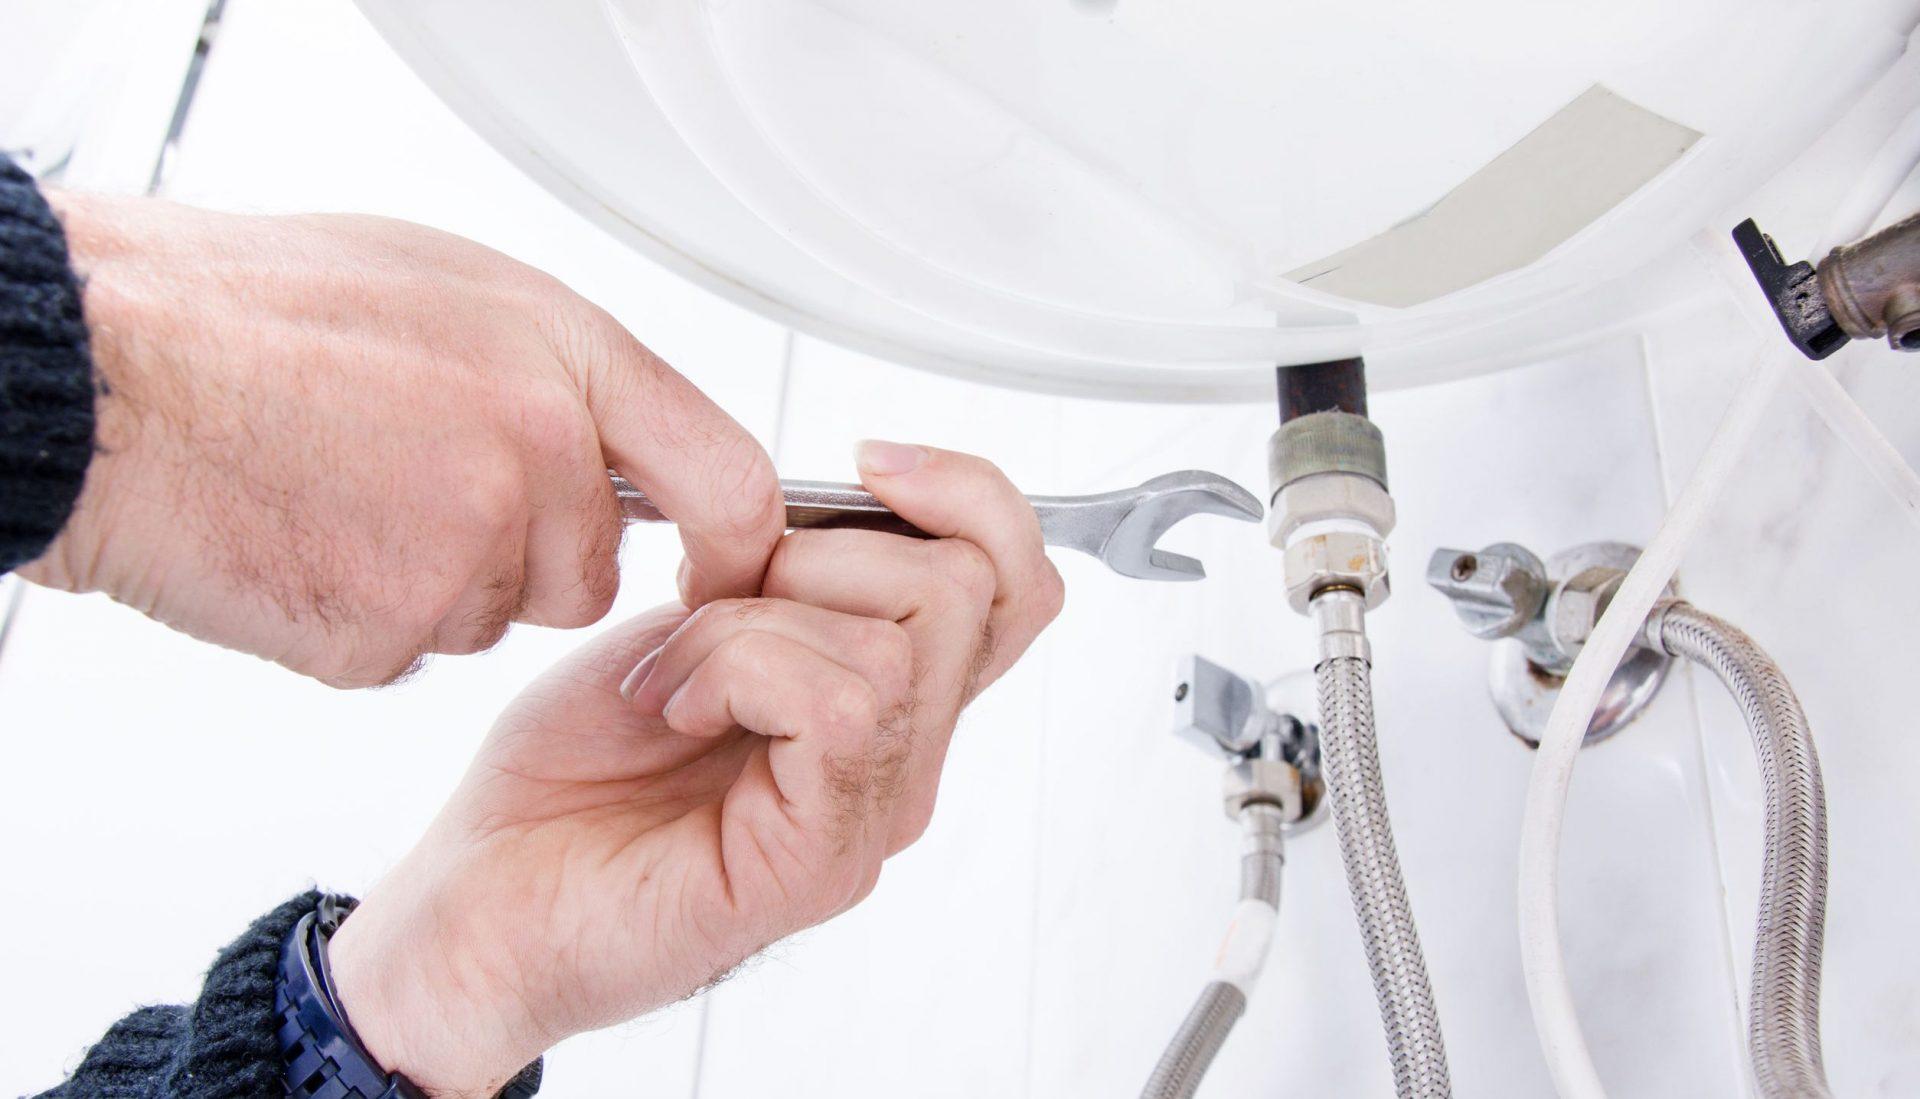 dépanner votre chauffe-eau électrique